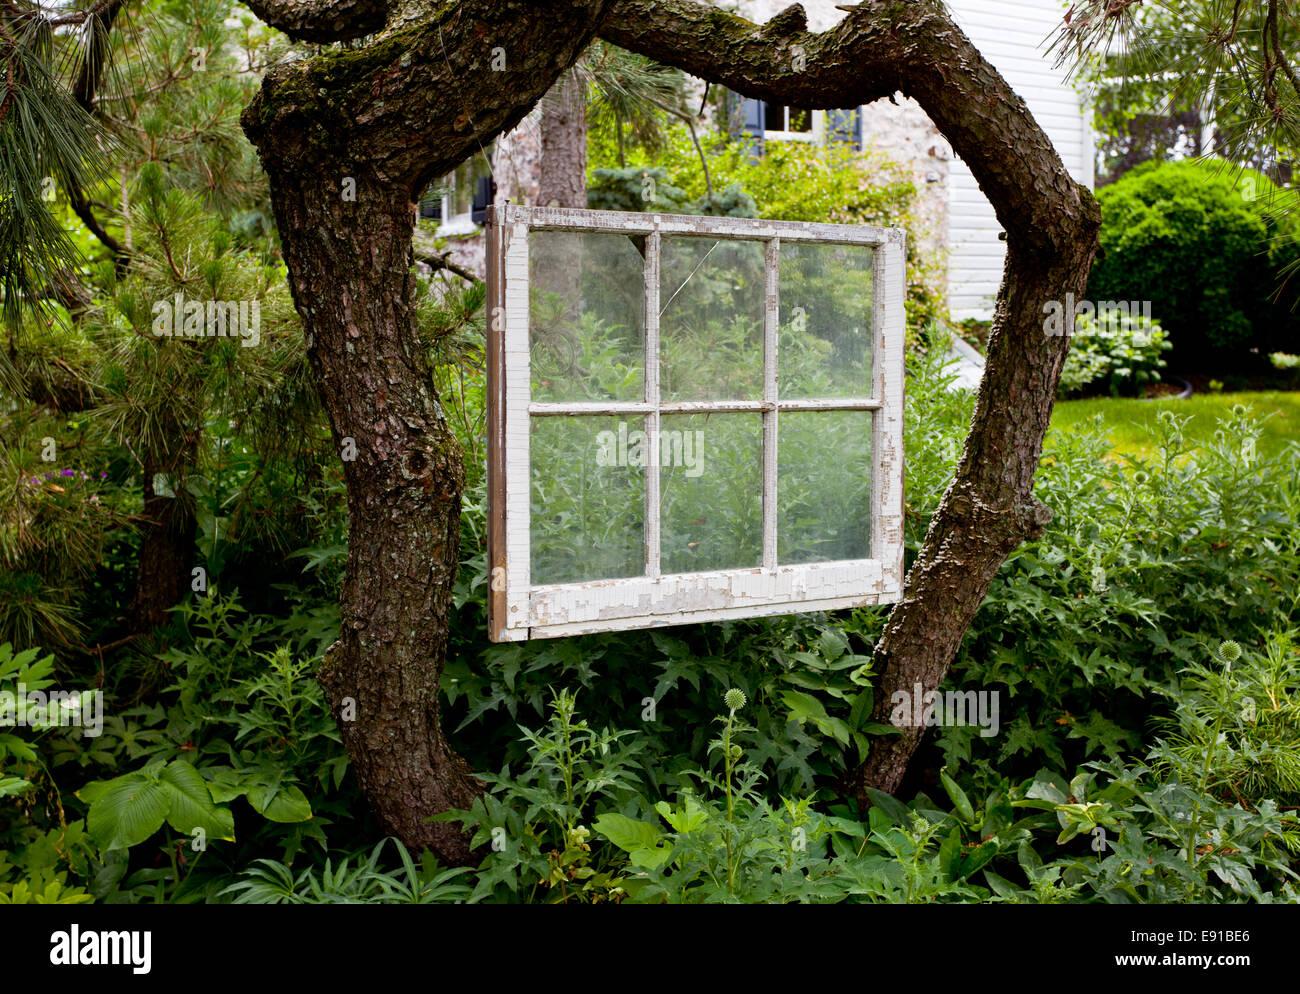 Verblasste lackierten Fensterrahmen im Garten Stockfoto, Bild ...